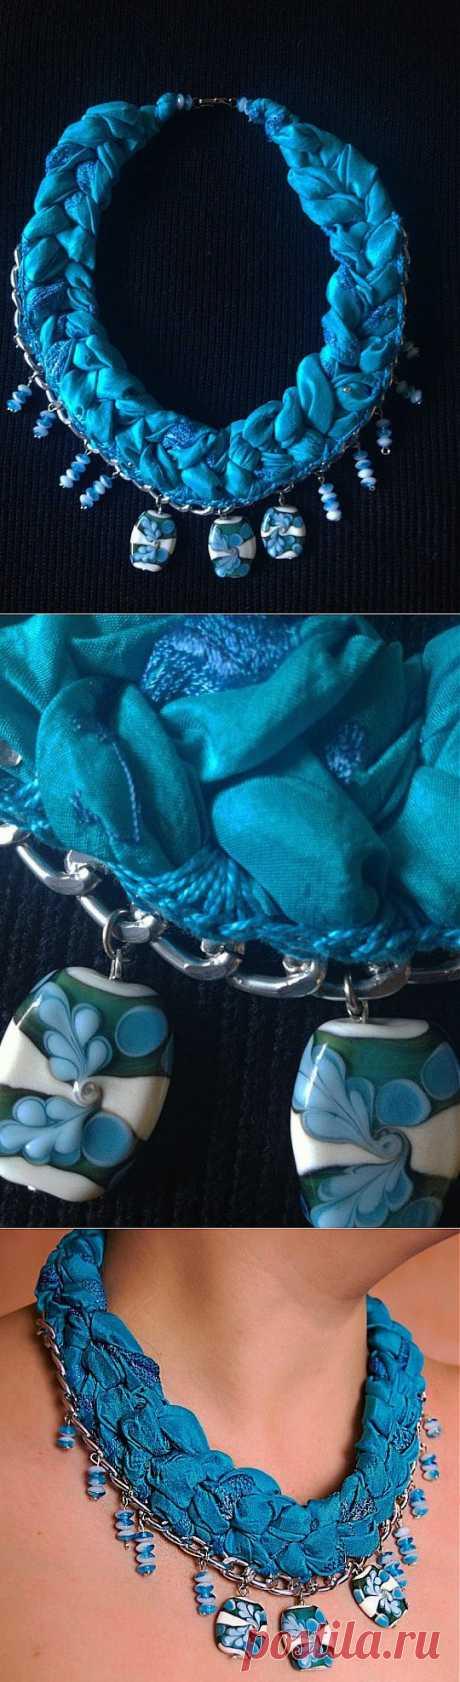 Текстильное украшение | РУКОДЕЛИЕ